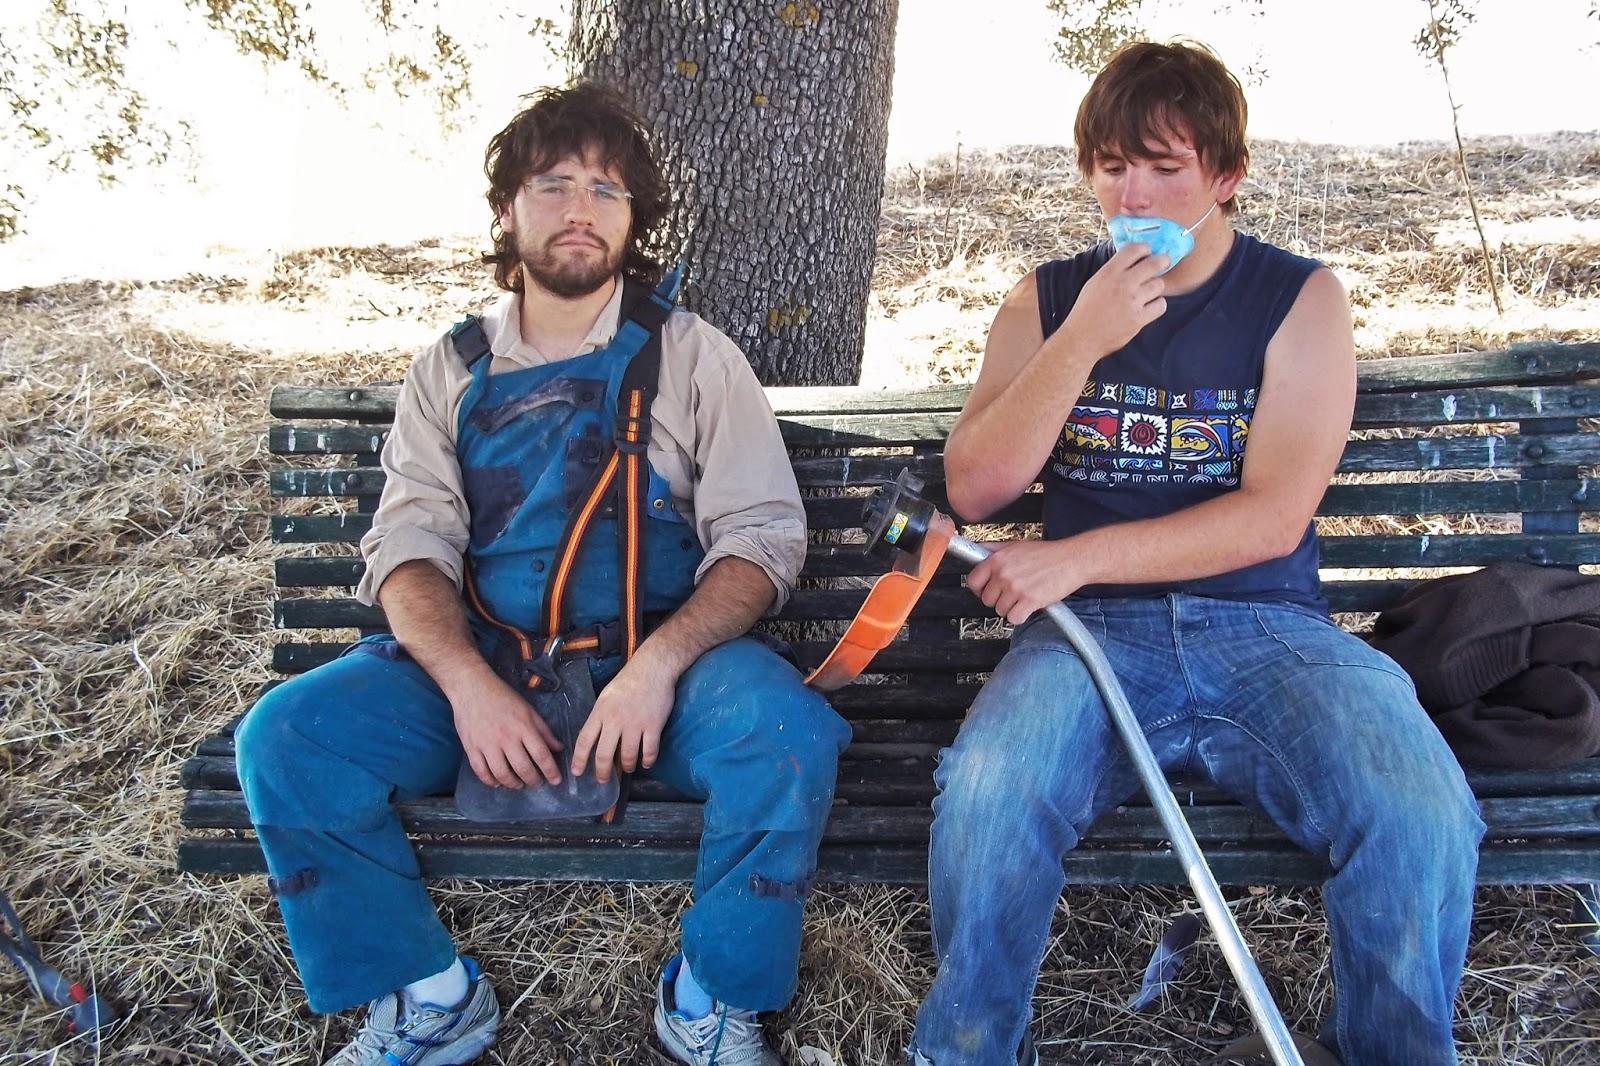 Los Olivos, vita di campagna, wwoofers, max, simone dabbicco, tagliaerbe, giardinieri, volontari